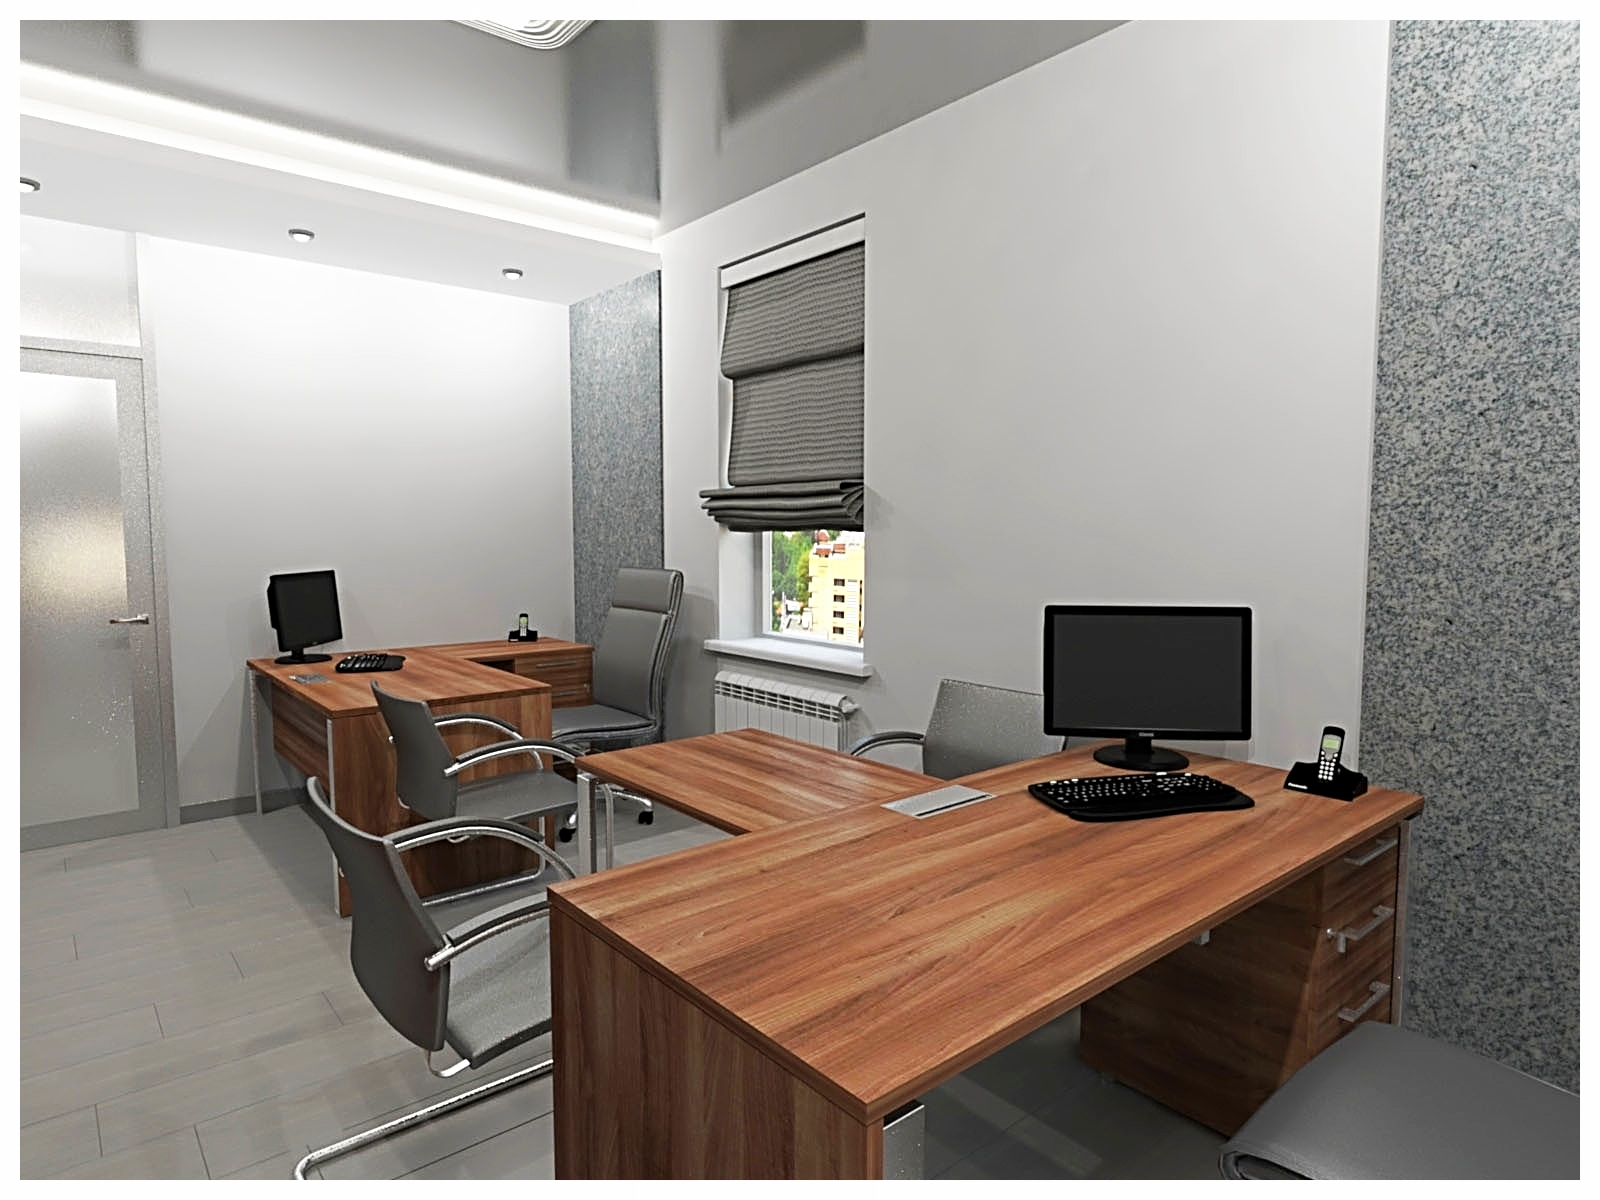 Дизайн интерьеров офиса. Кабинет на втором этаже 1.